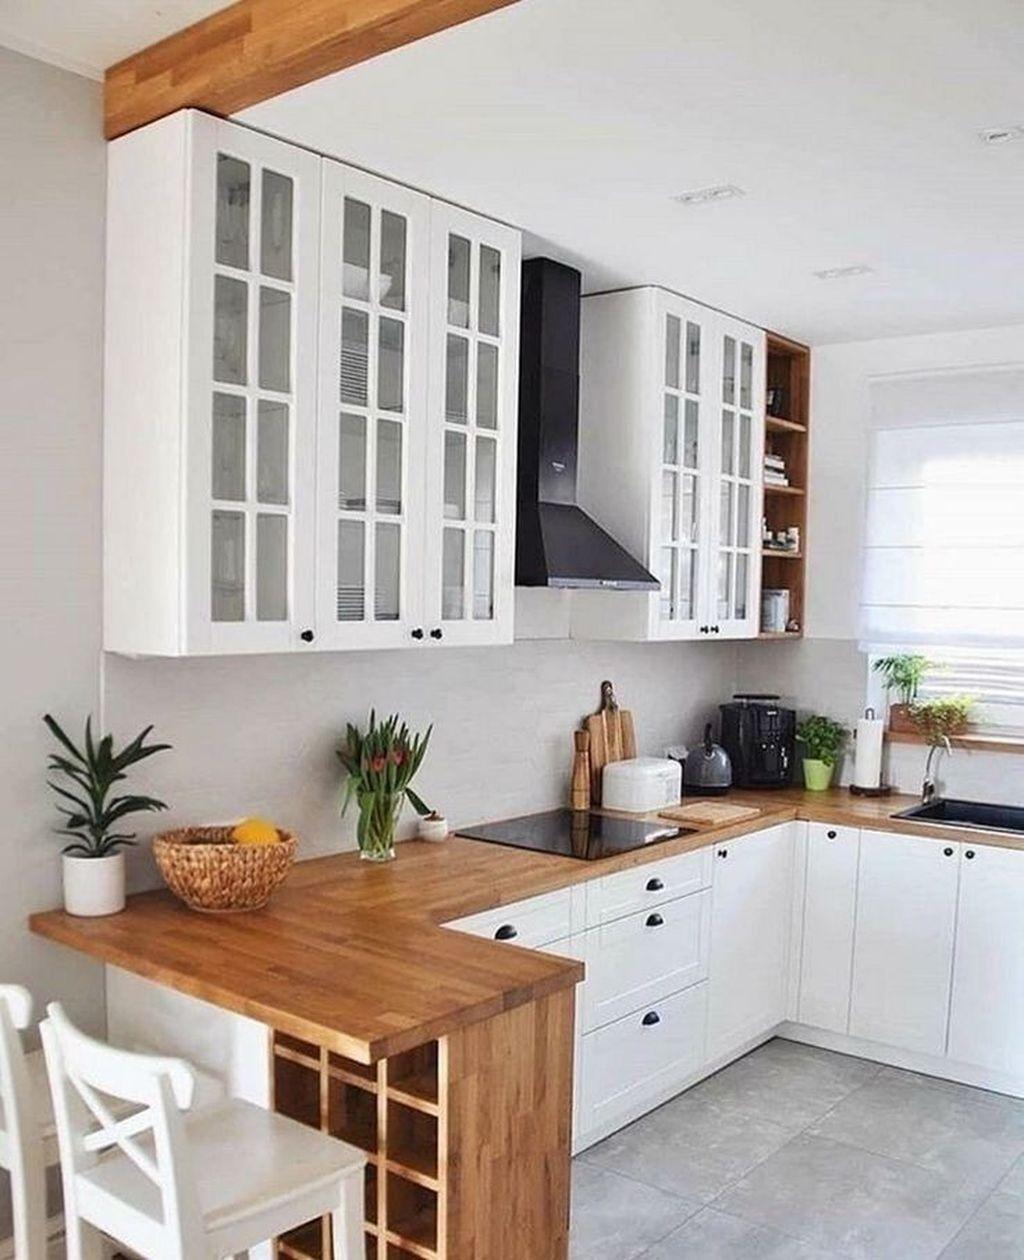 35 Excellent Small Kitchen Decor Ideas On A Budget   DECORKEUN